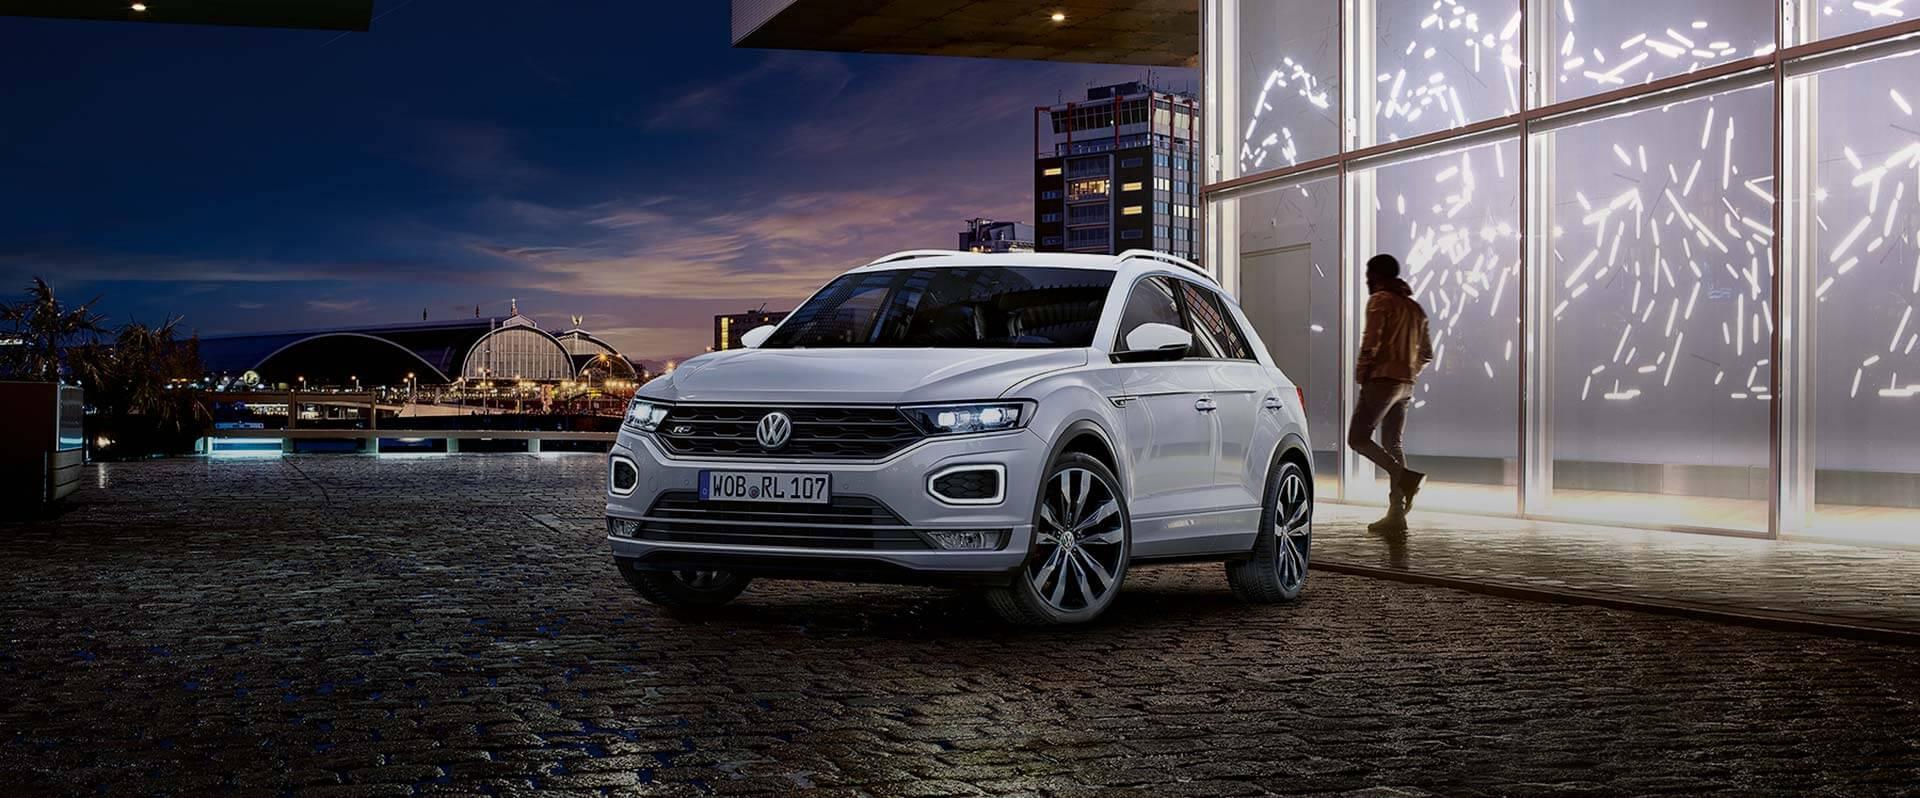 Volkswagen T-Roc - Coming Soon